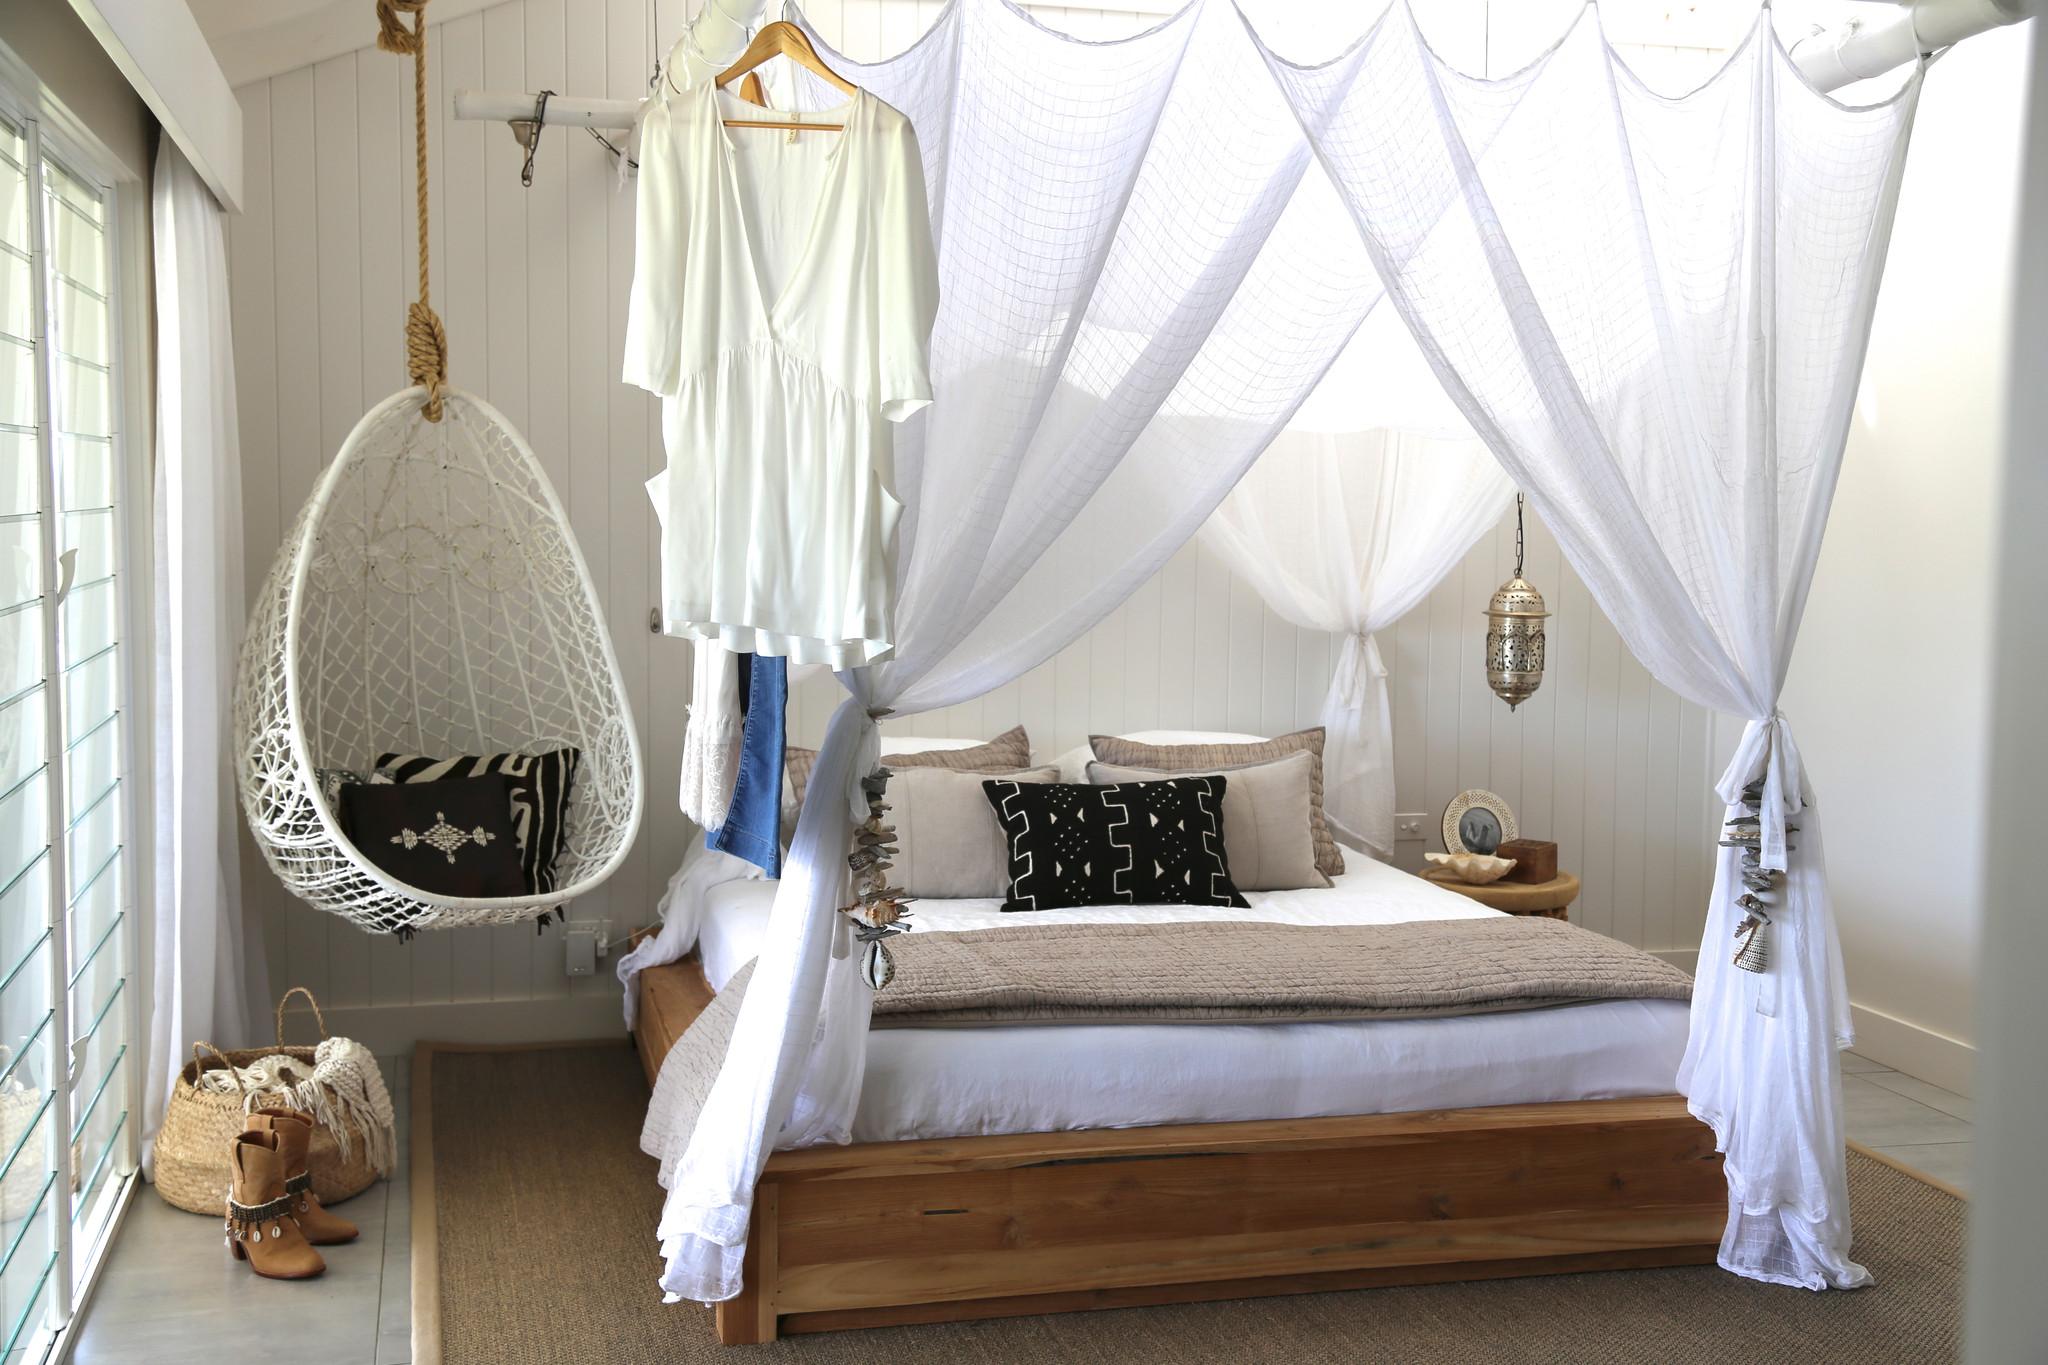 hammock-chair-for-bedroom-hanging-chairs-bedrooms-tjihome-excellent-indoor-swing-diy.jpg